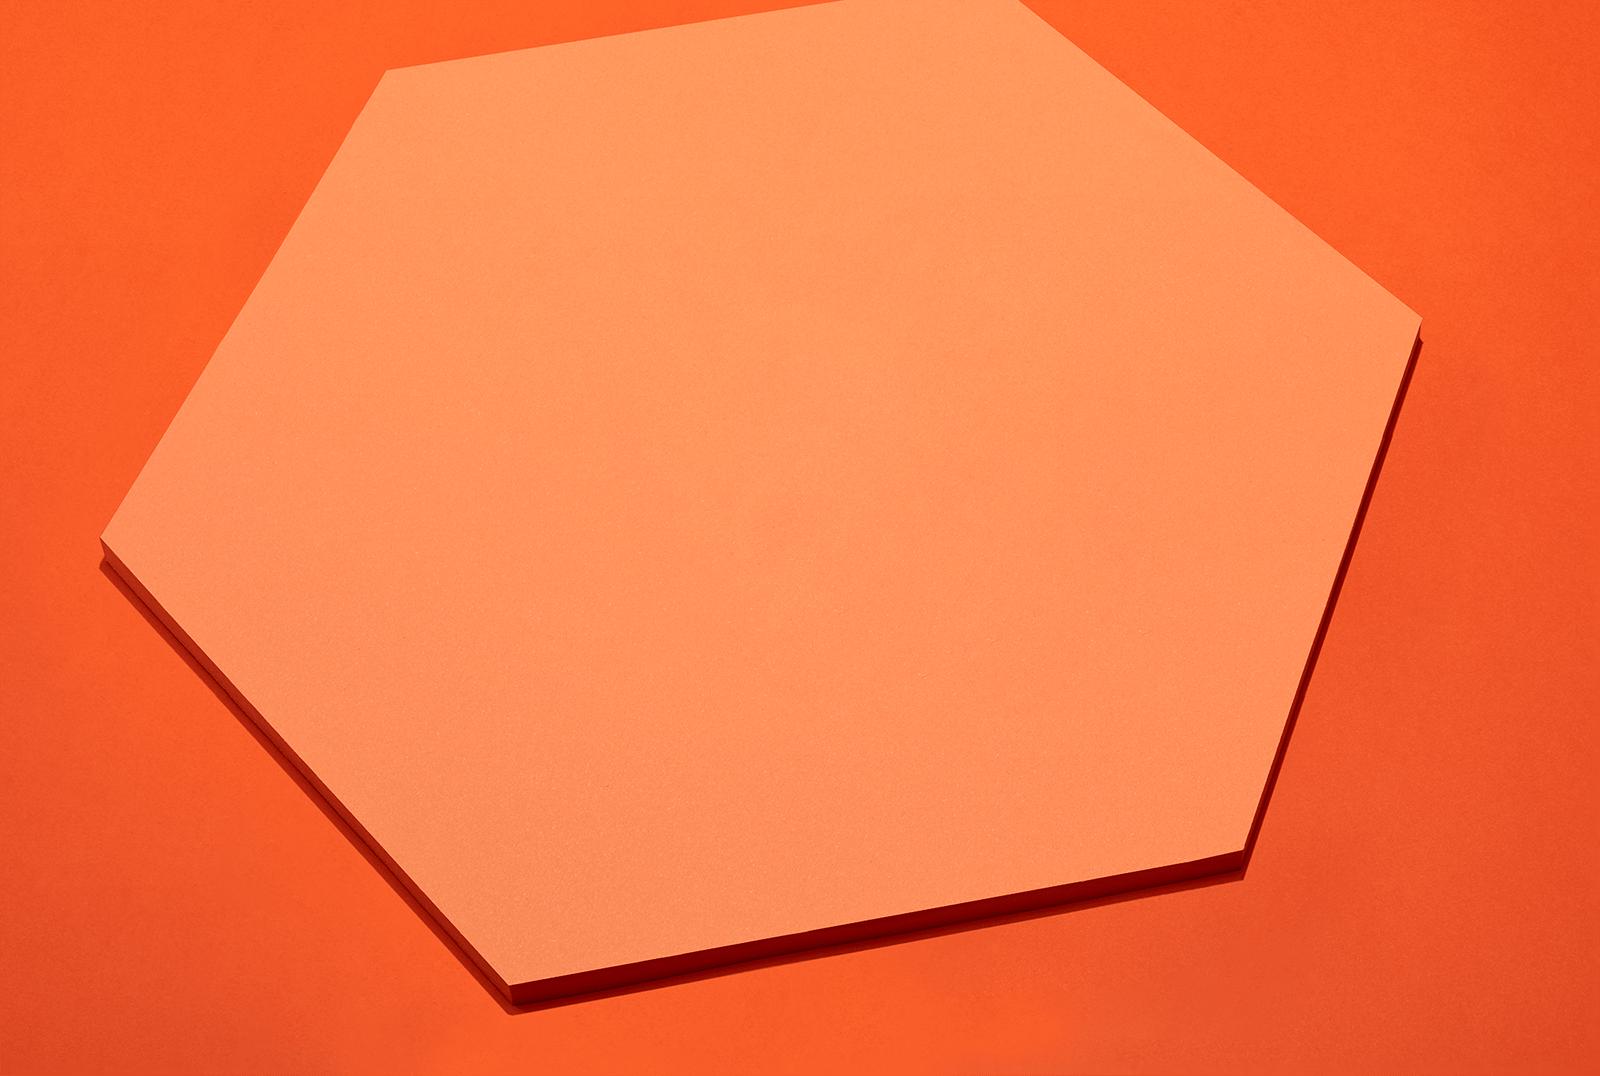 Orange Kaleido